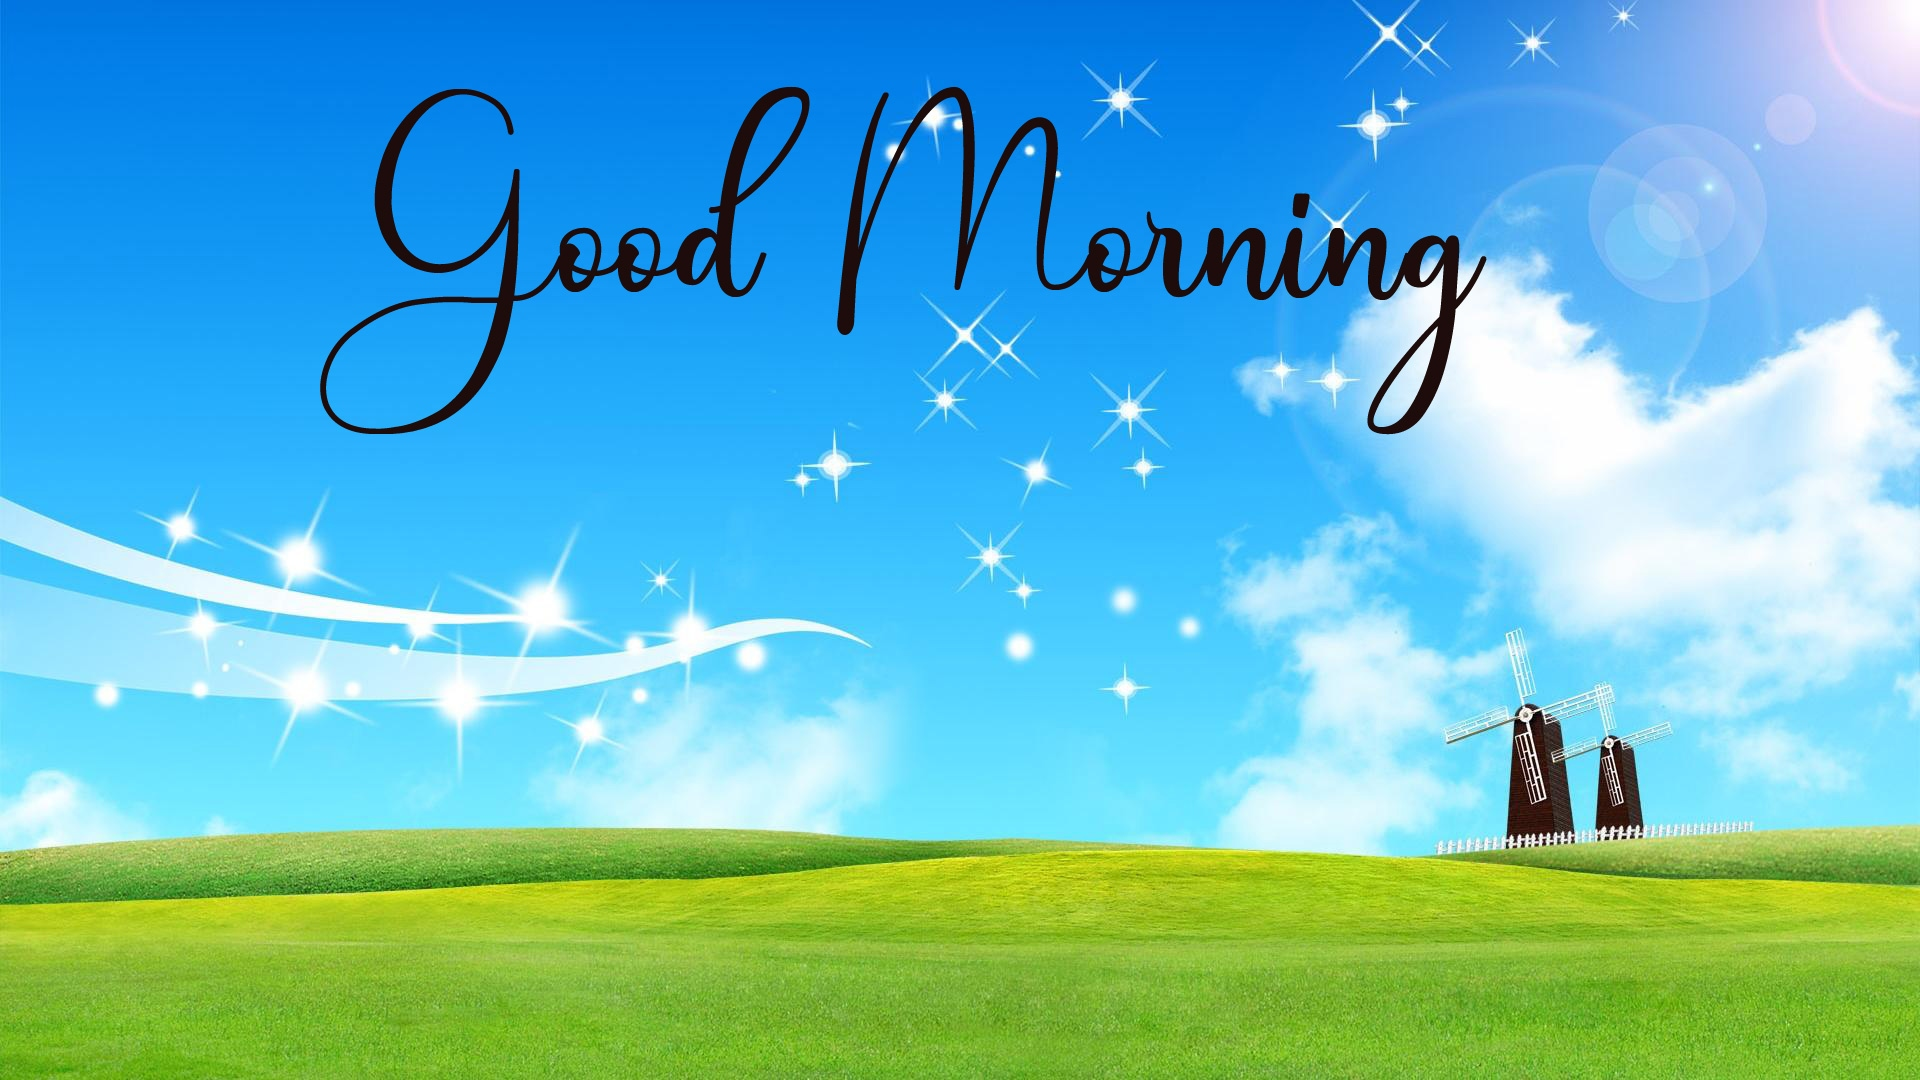 Good Morning Wallpaper for Friend